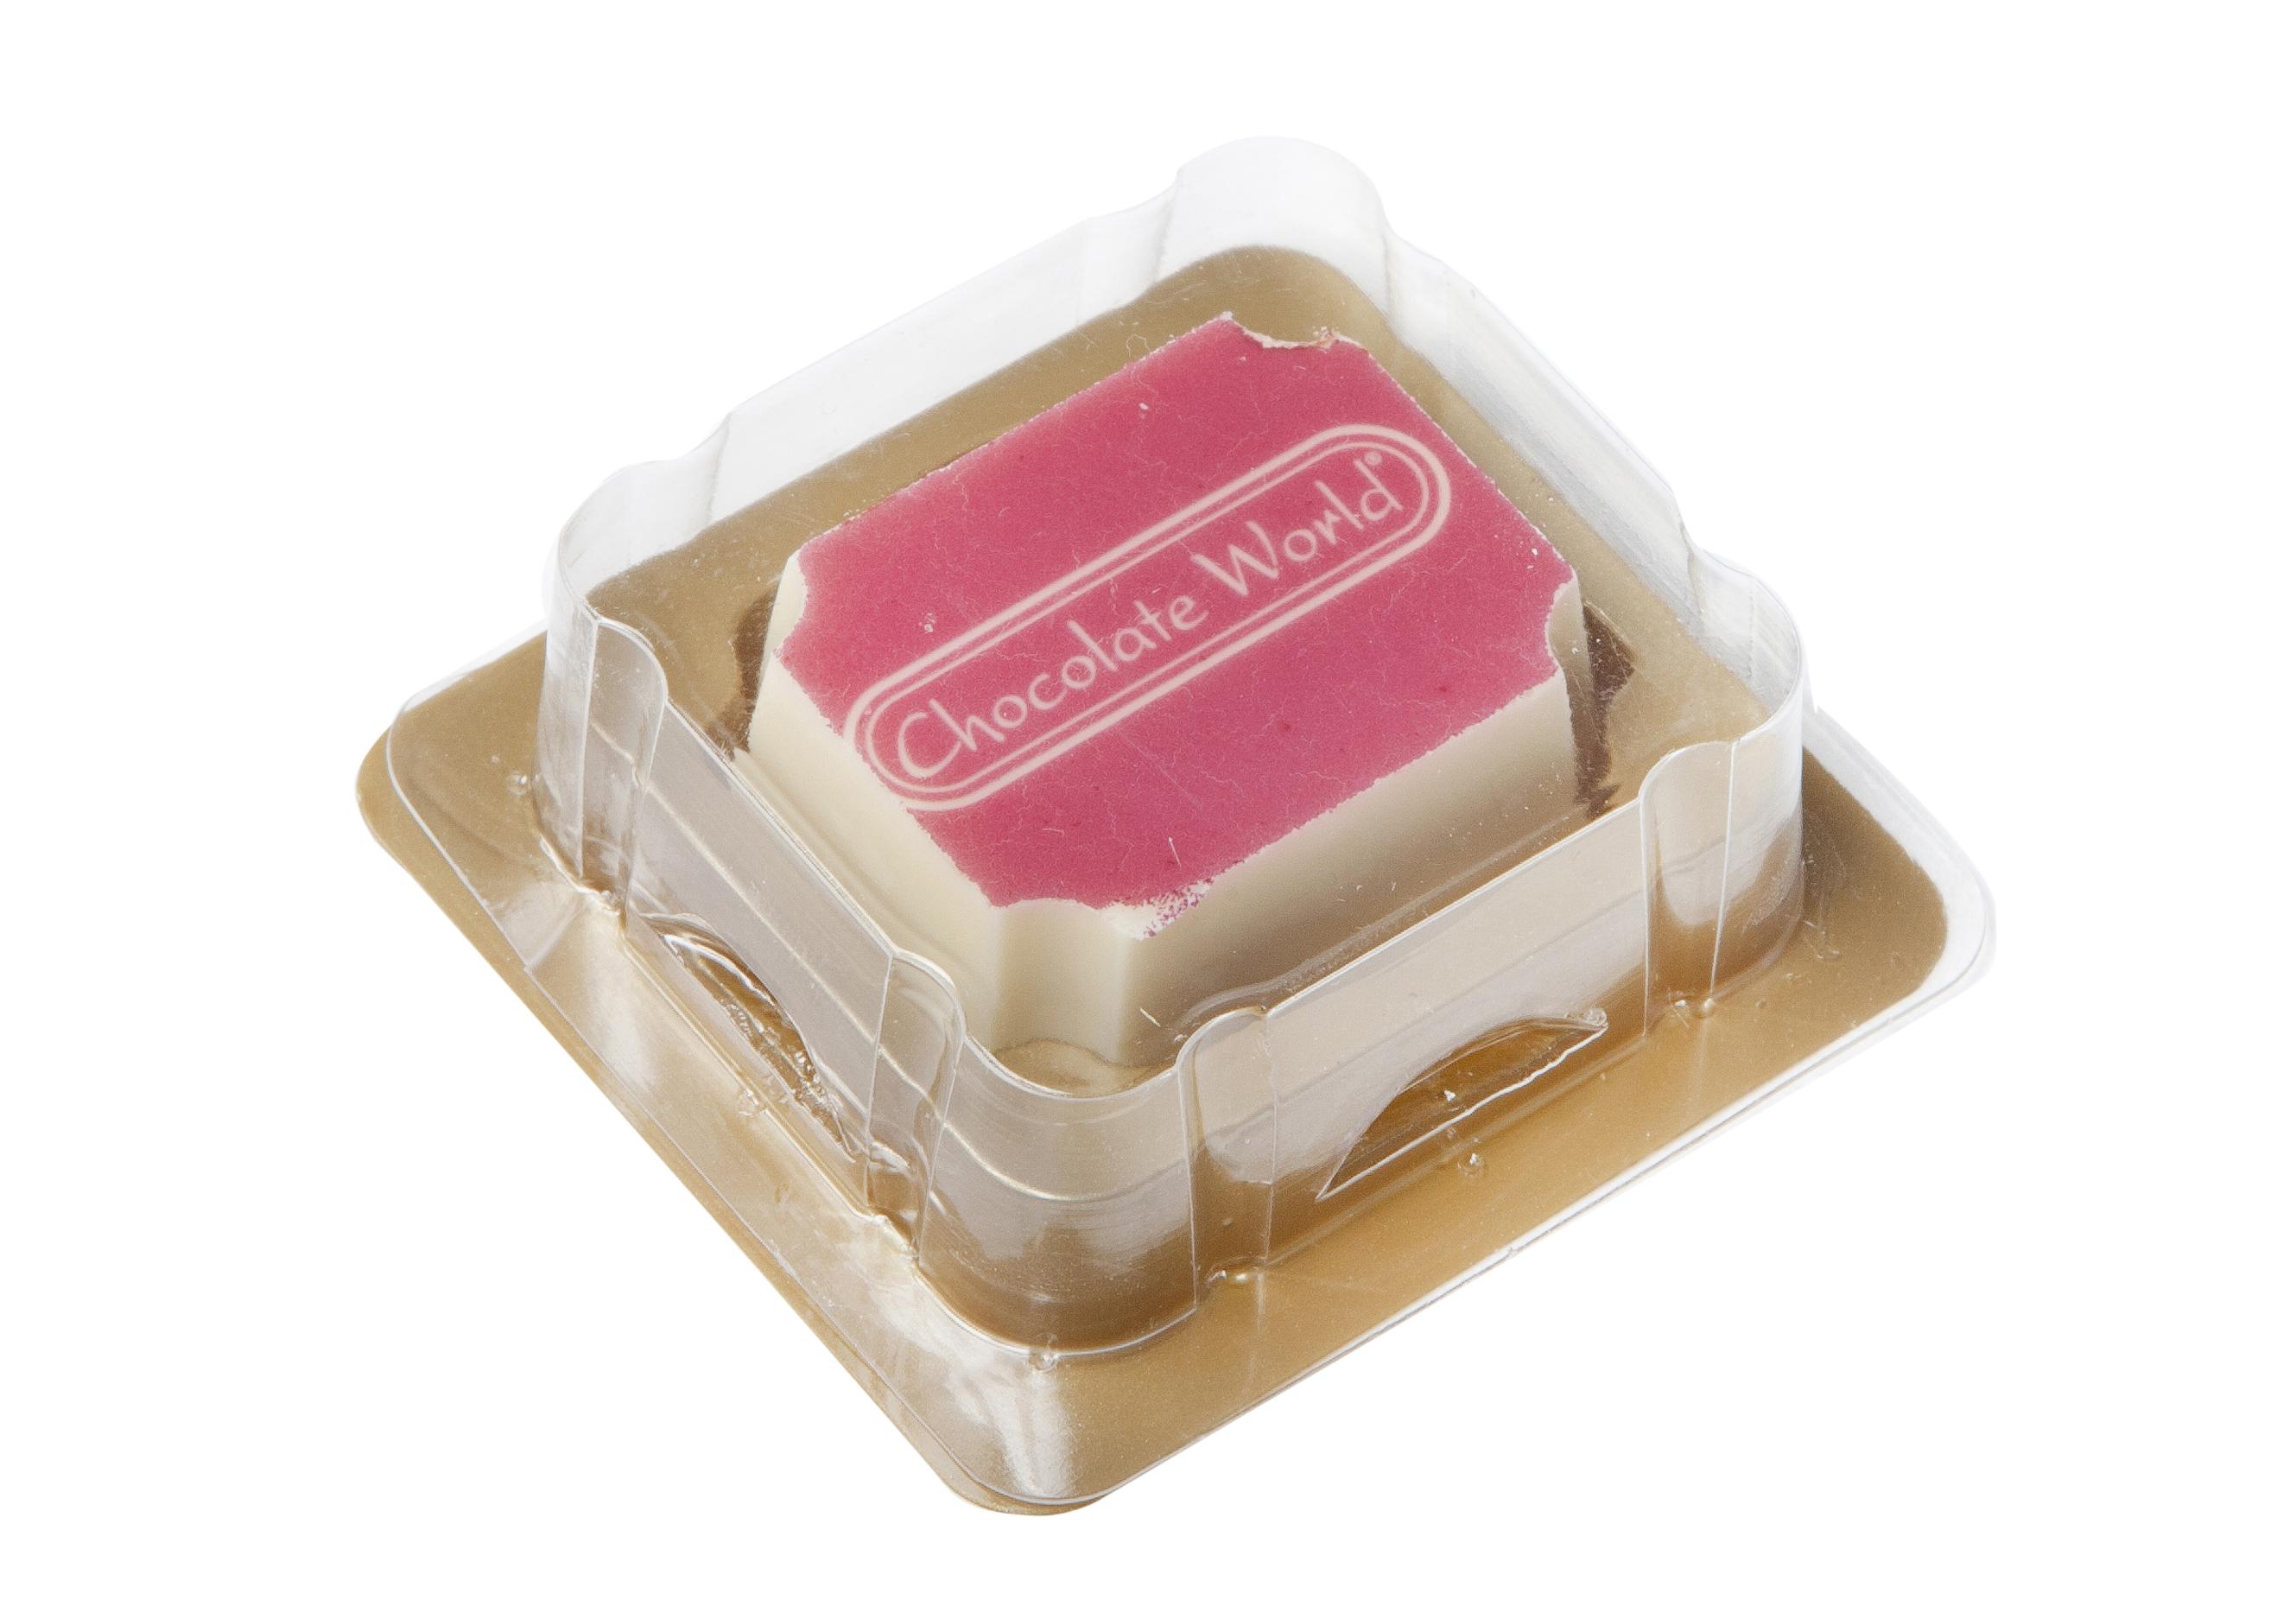 Verpackung für Logo schokolade